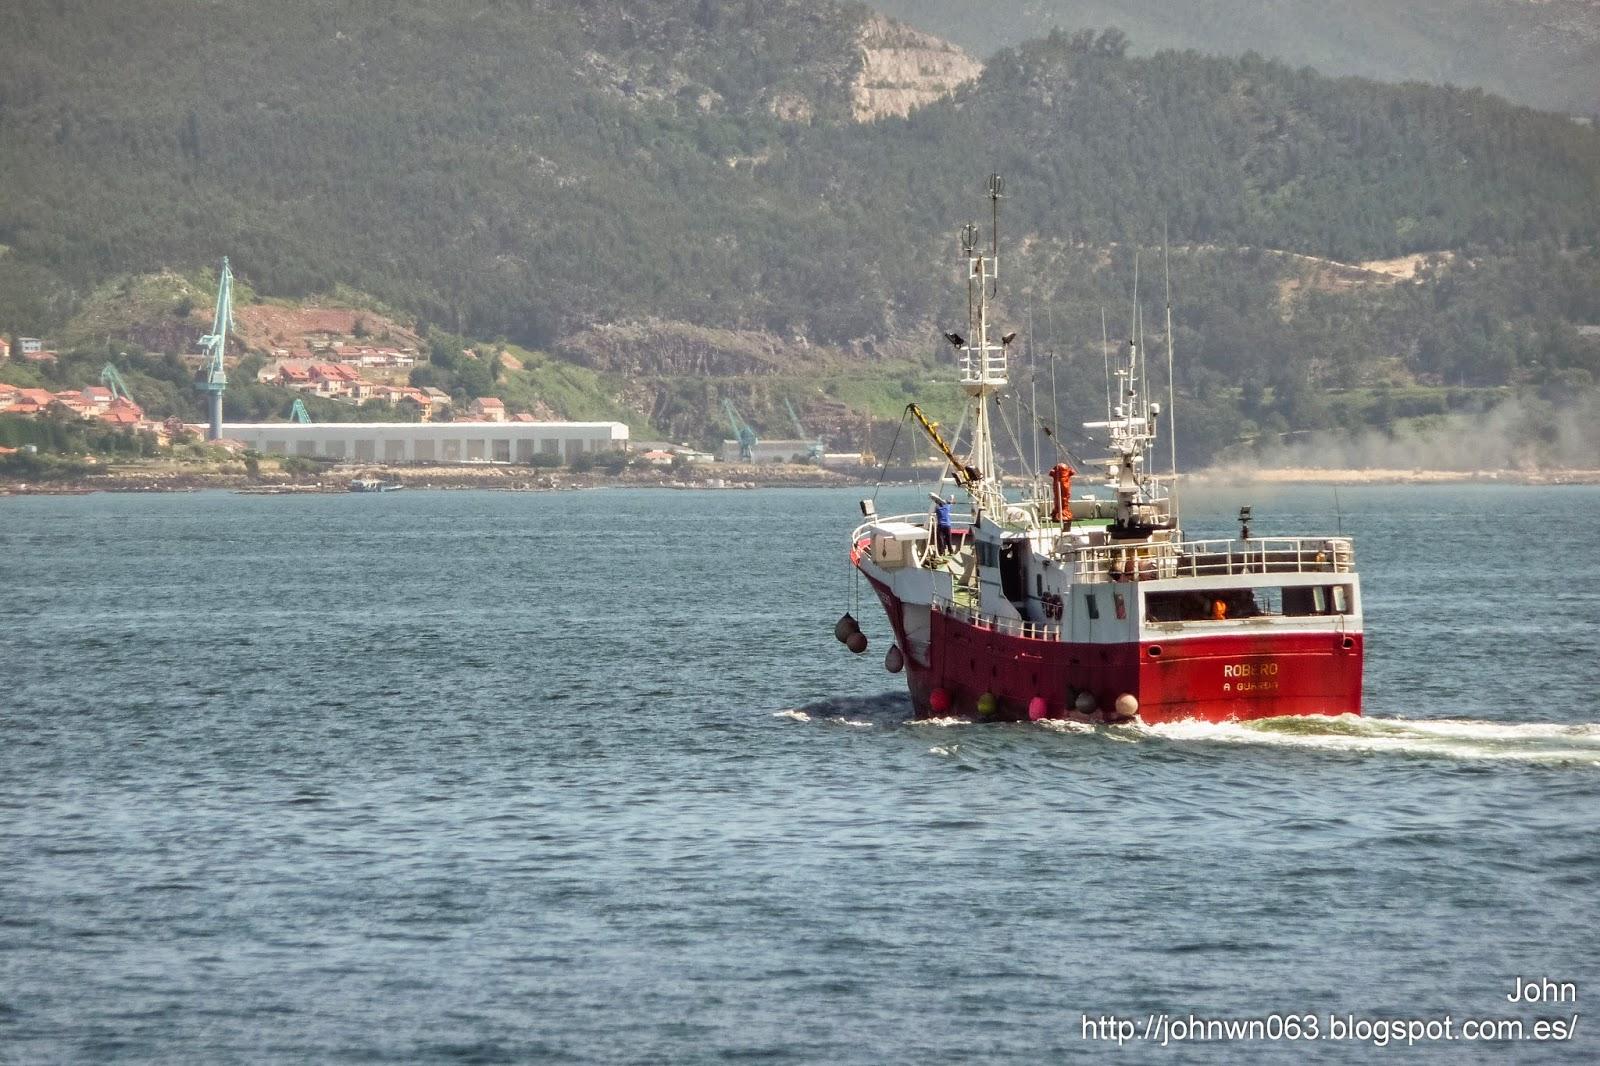 fotos de barcos, imagenes de barcos, robero, a guarda, vigo, pesquero